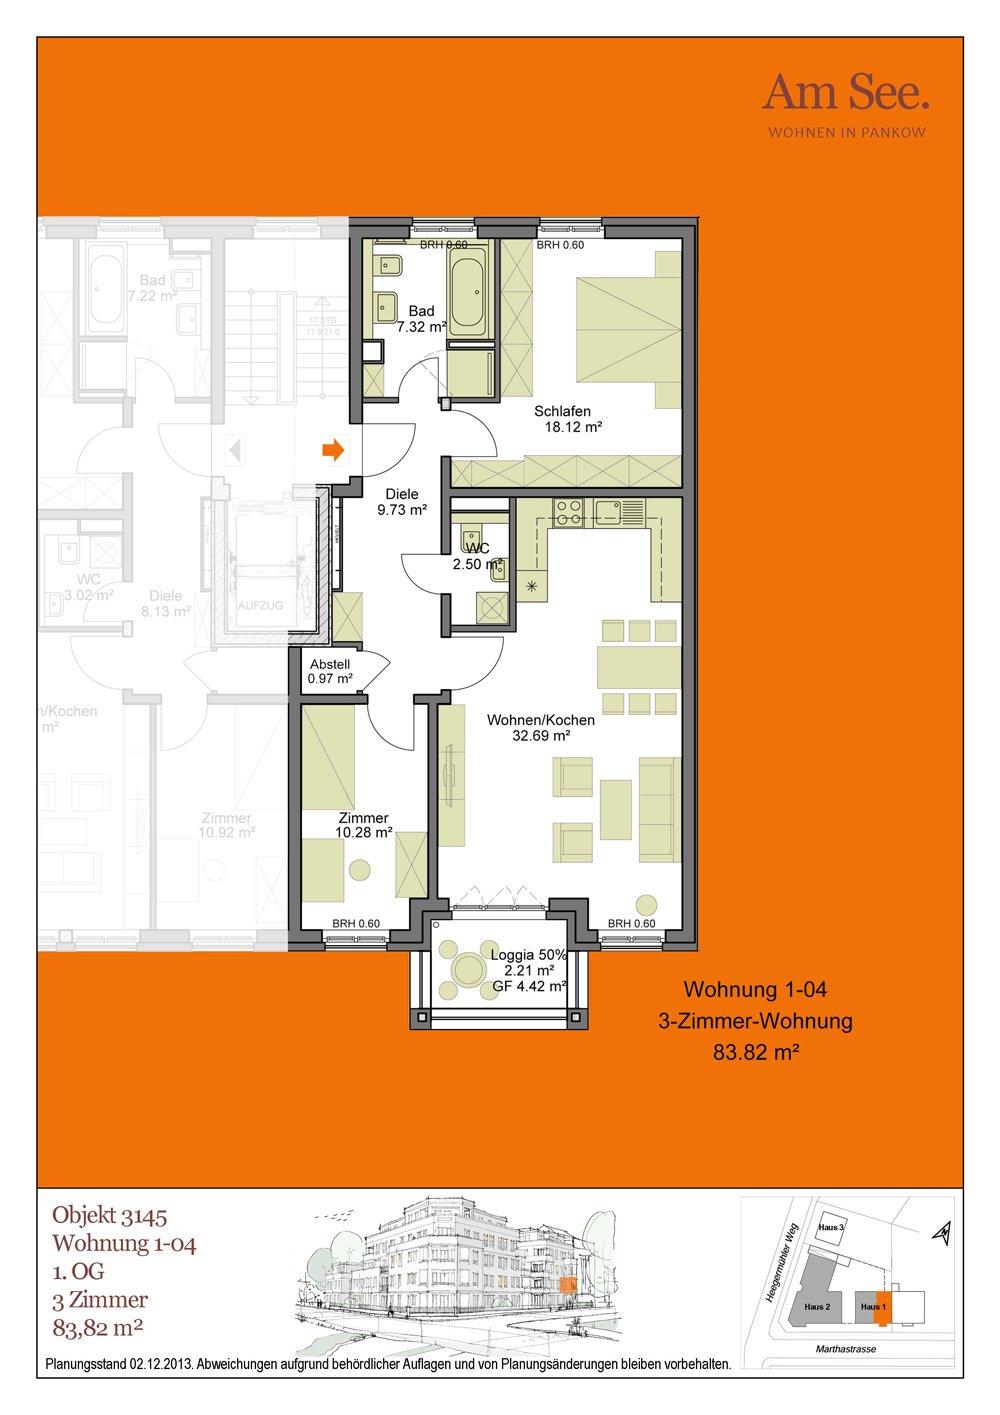 grundrisse und pl ne vom bauvorhaben am see berlin. Black Bedroom Furniture Sets. Home Design Ideas